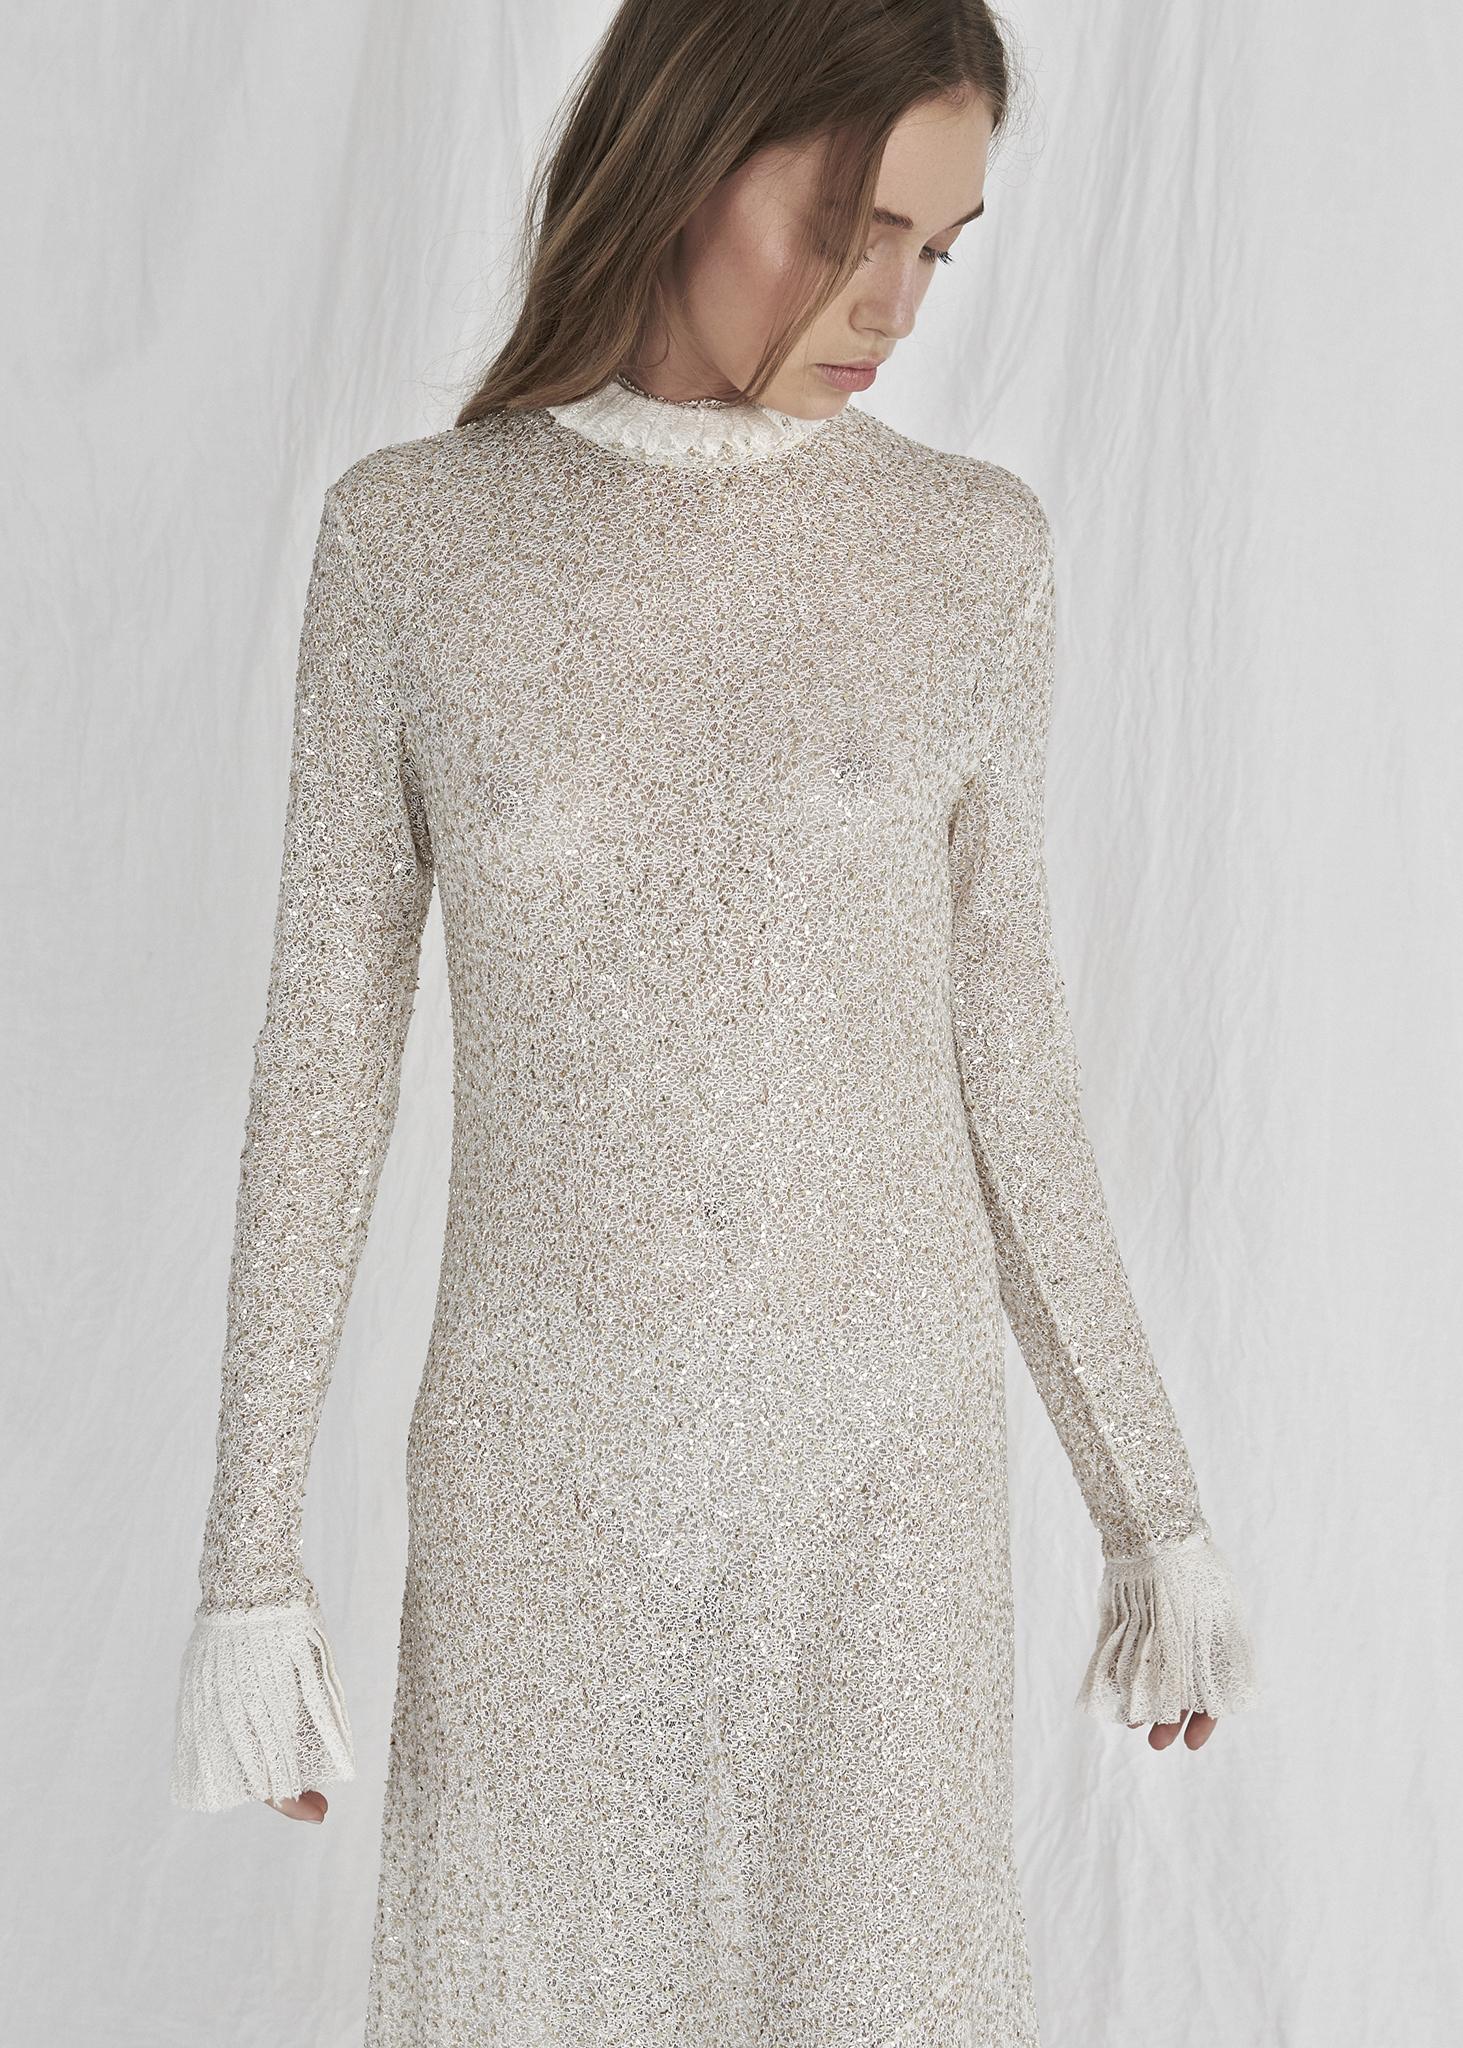 aje-ivory-speckle-embellished-high-neck-mirbella-dress-crop.jpg